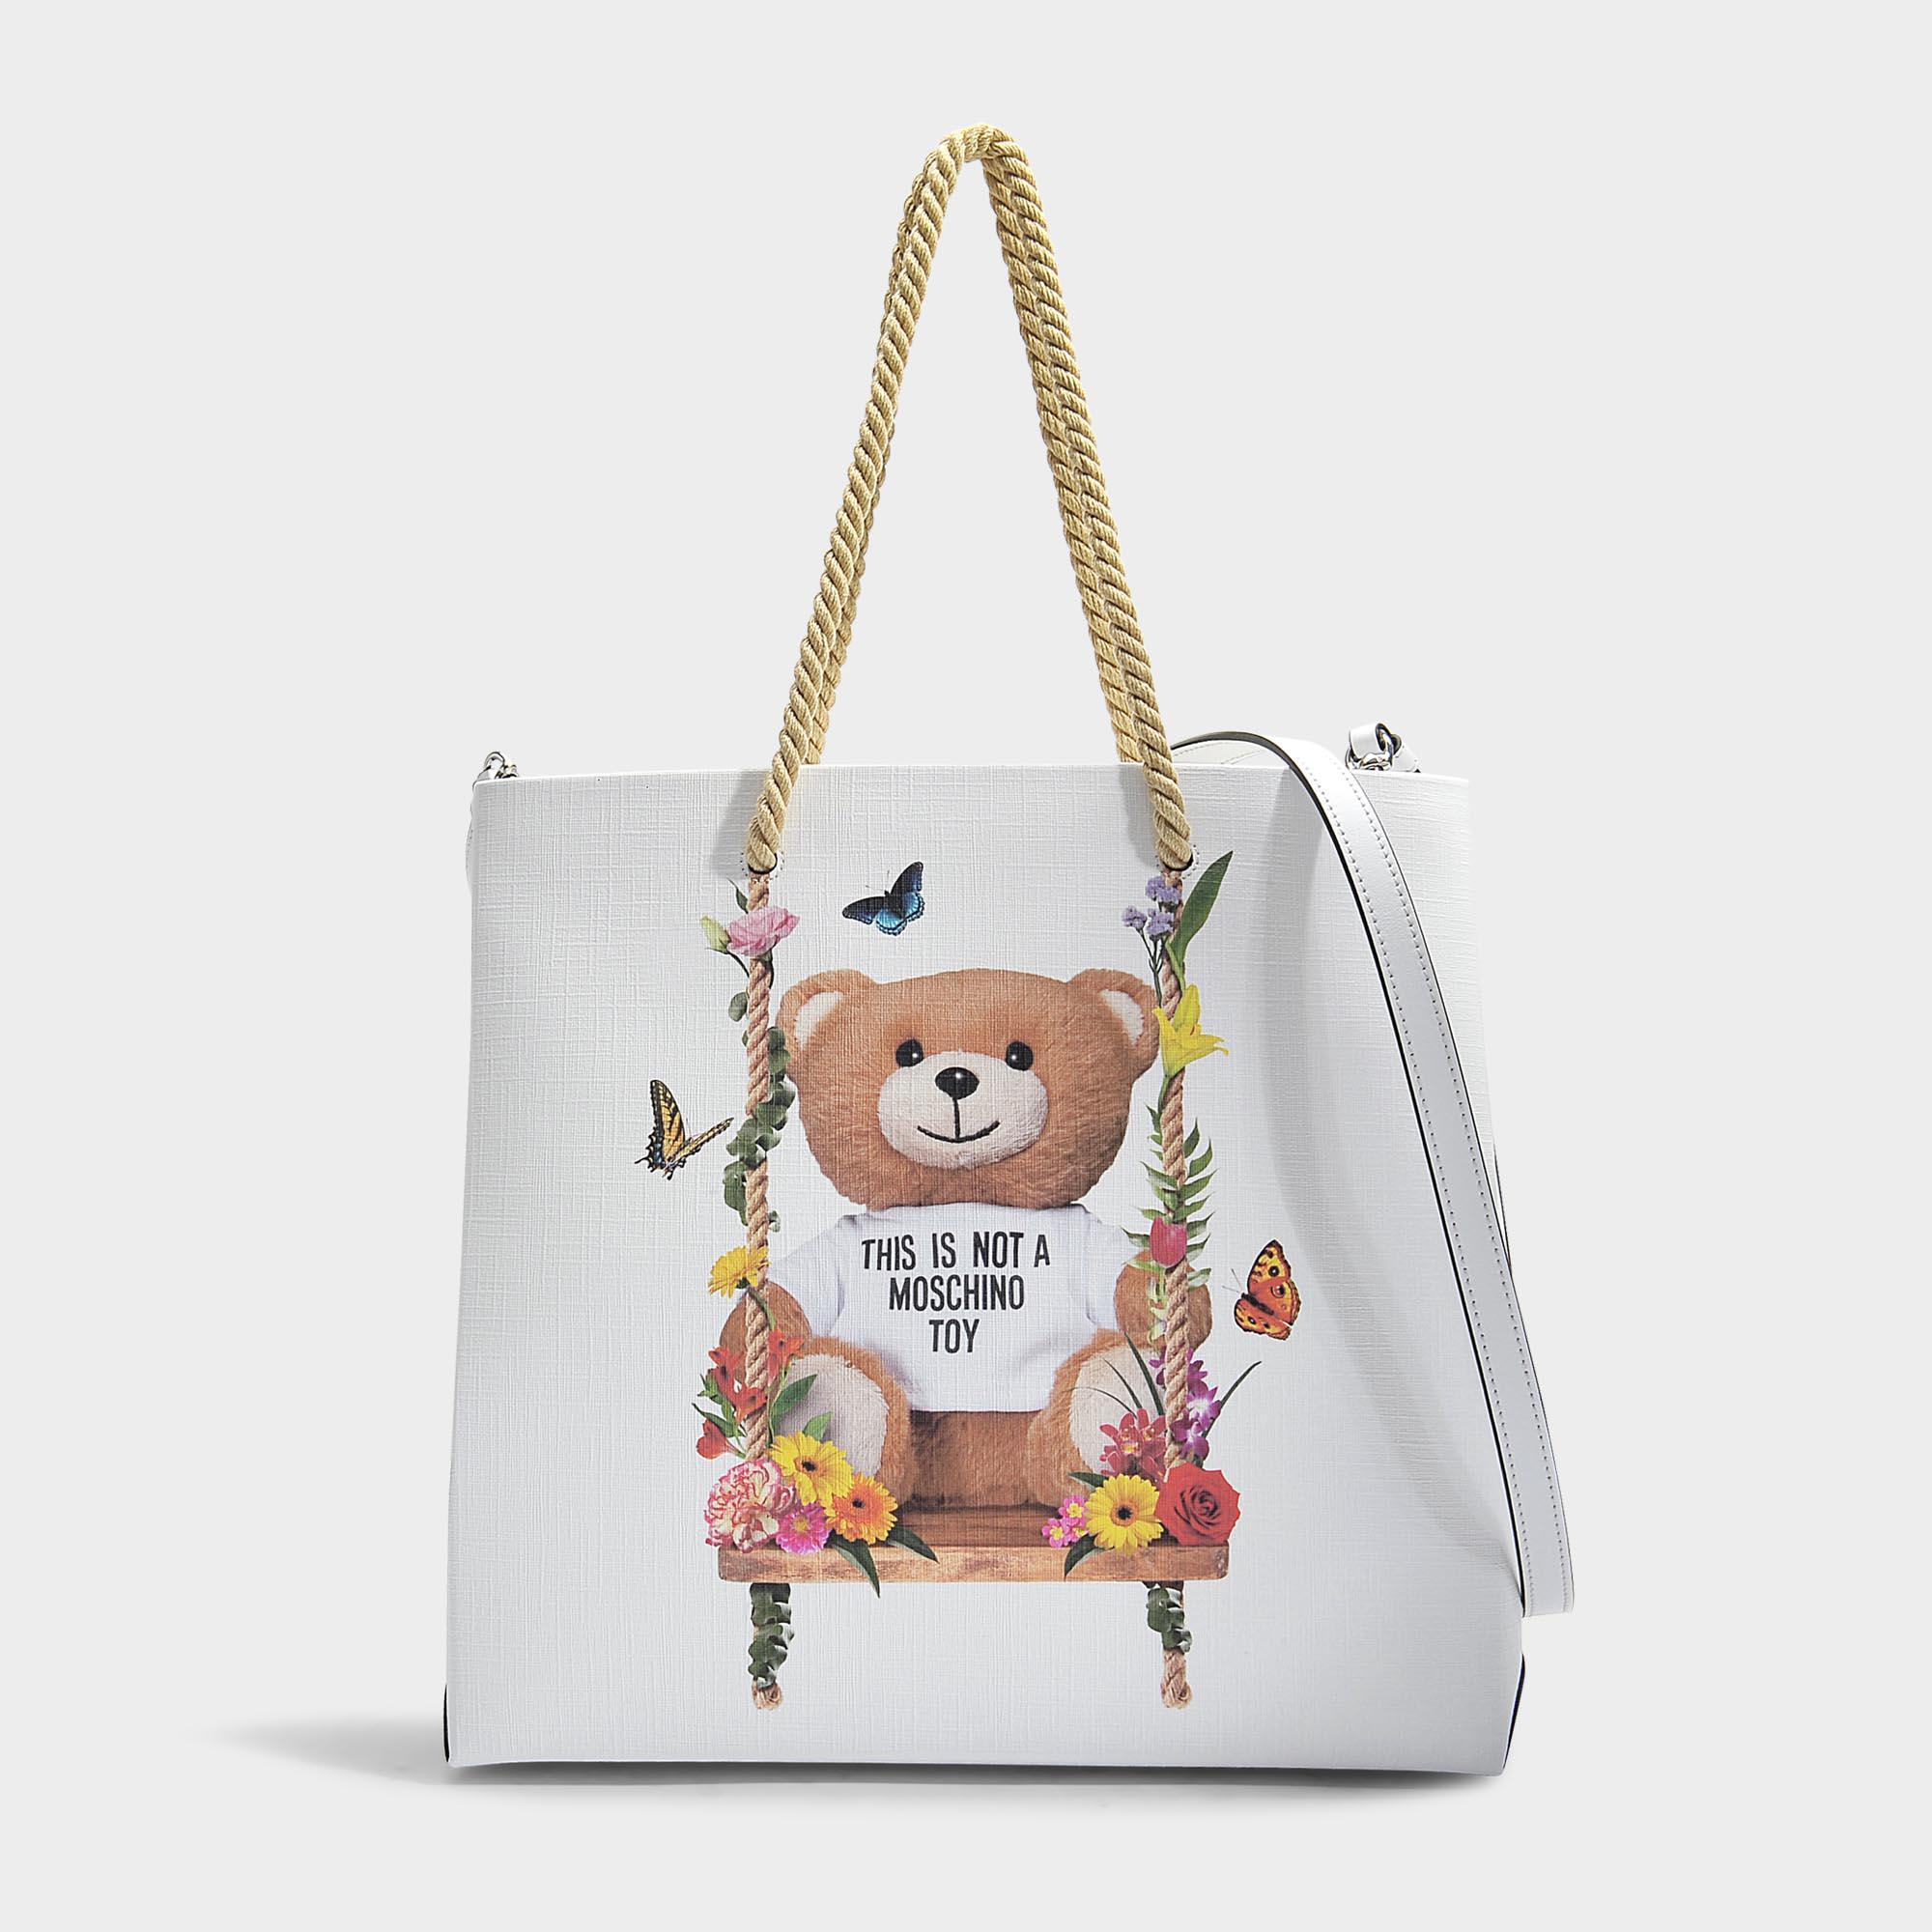 Affordable Cheap Online Teddy Shoulder Bag in Pink Calfskin Moschino Shop For Online kqH40v